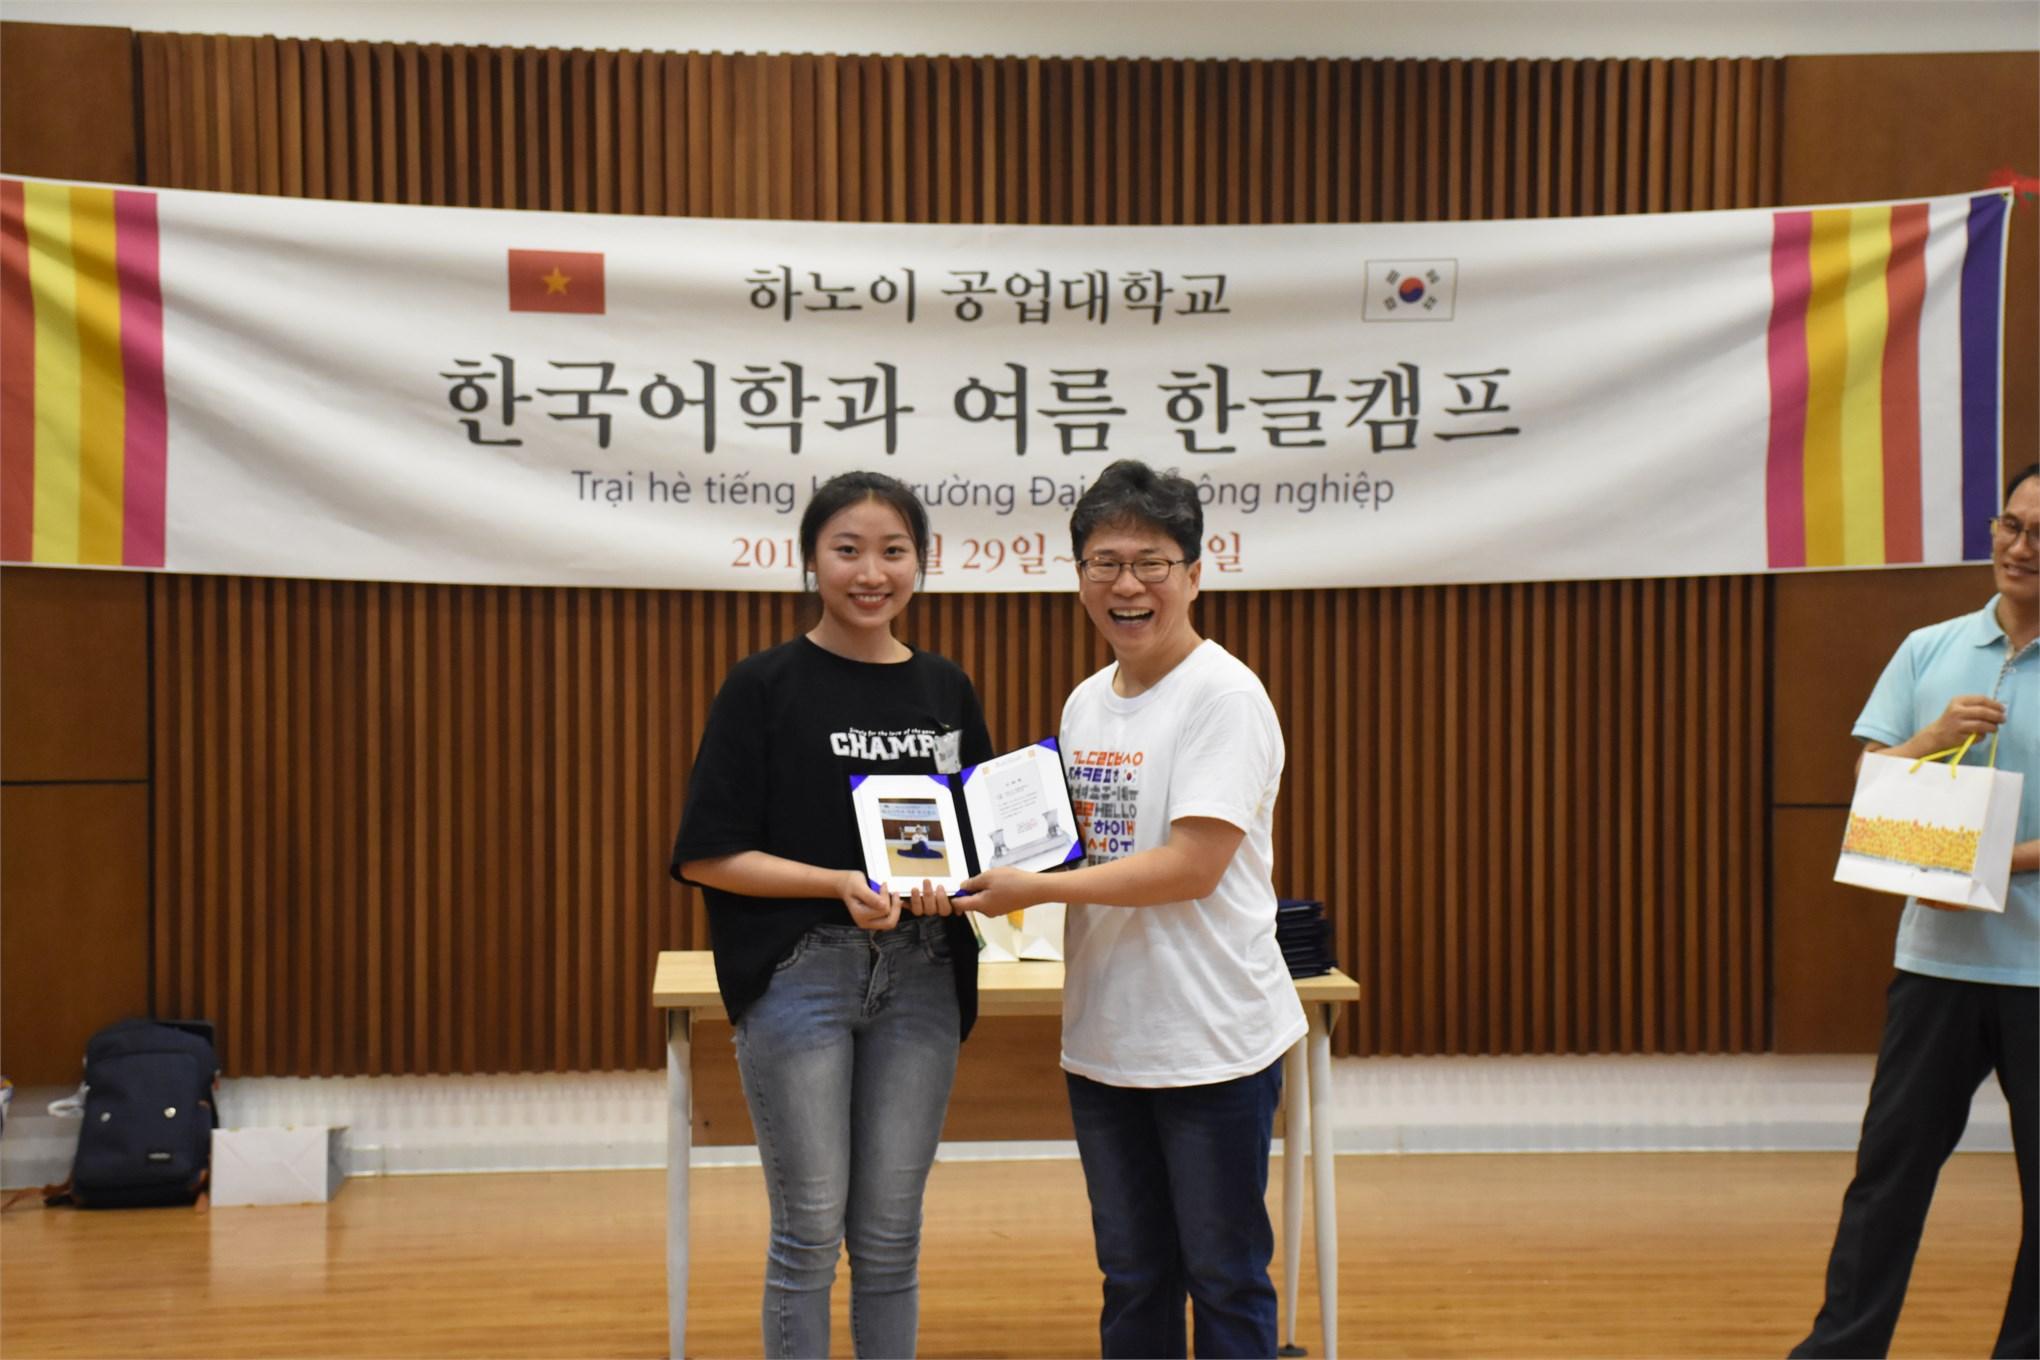 Trại hè giao lưu văn hóa cùng đoàn tình nguyện Đại học Chongsin